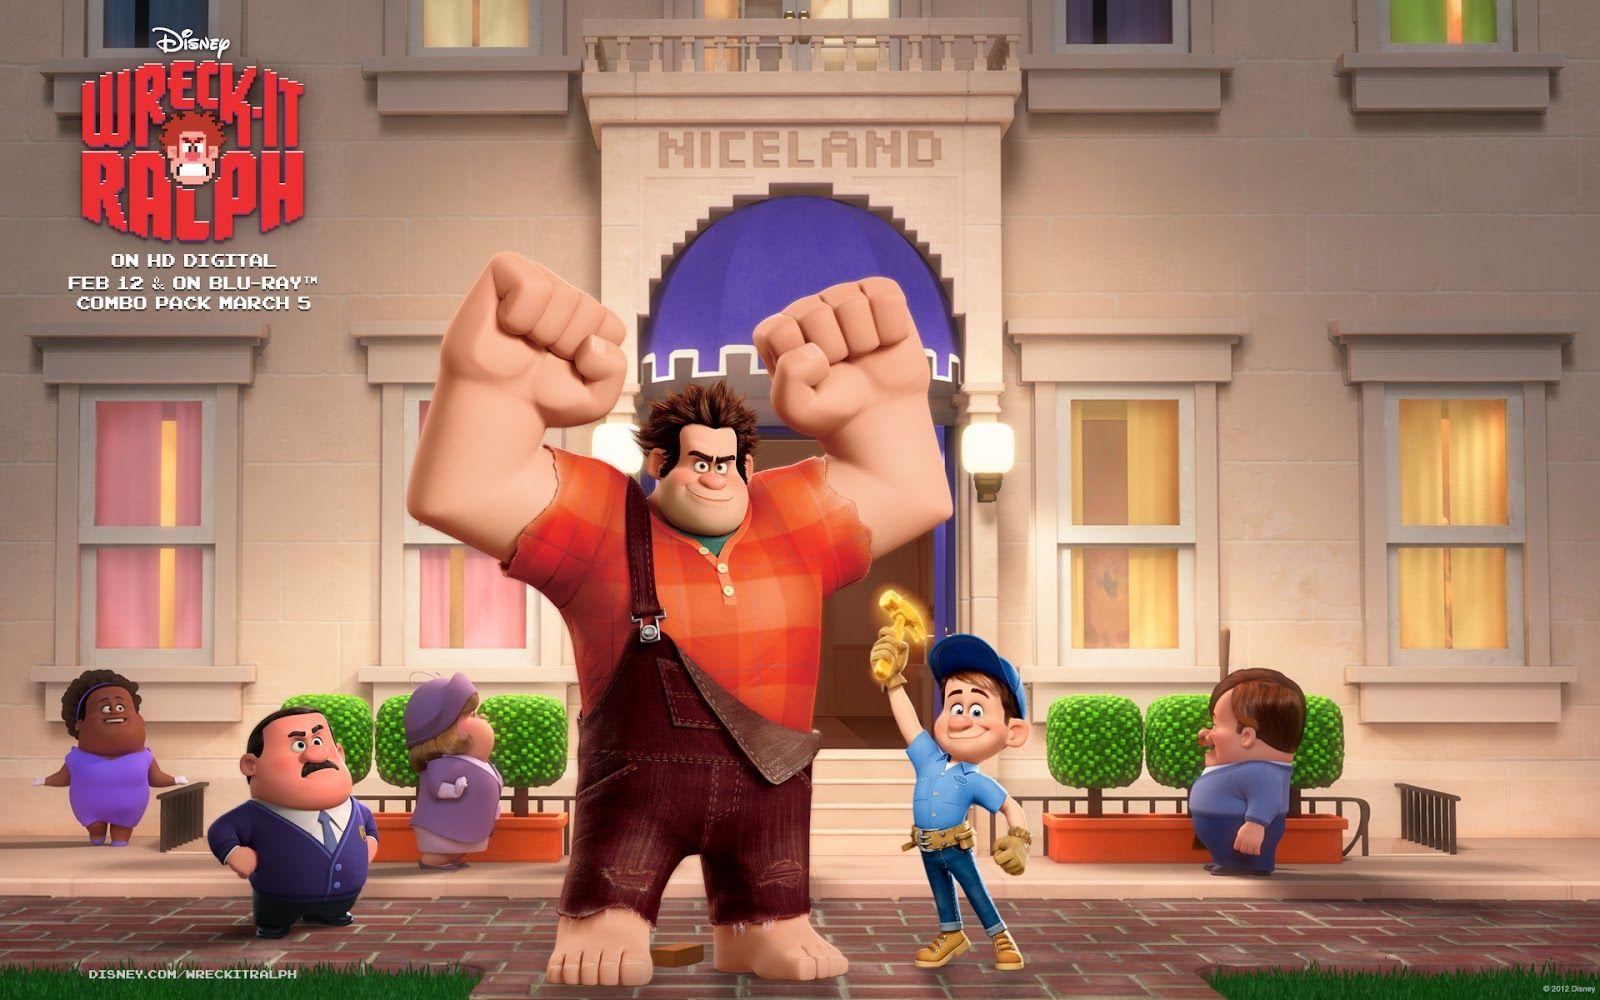 Wreck It Ralph Animation Movie 4k Hd Desktop Wallpaper For: Fix-It Felix, Jr. - Wreck-It